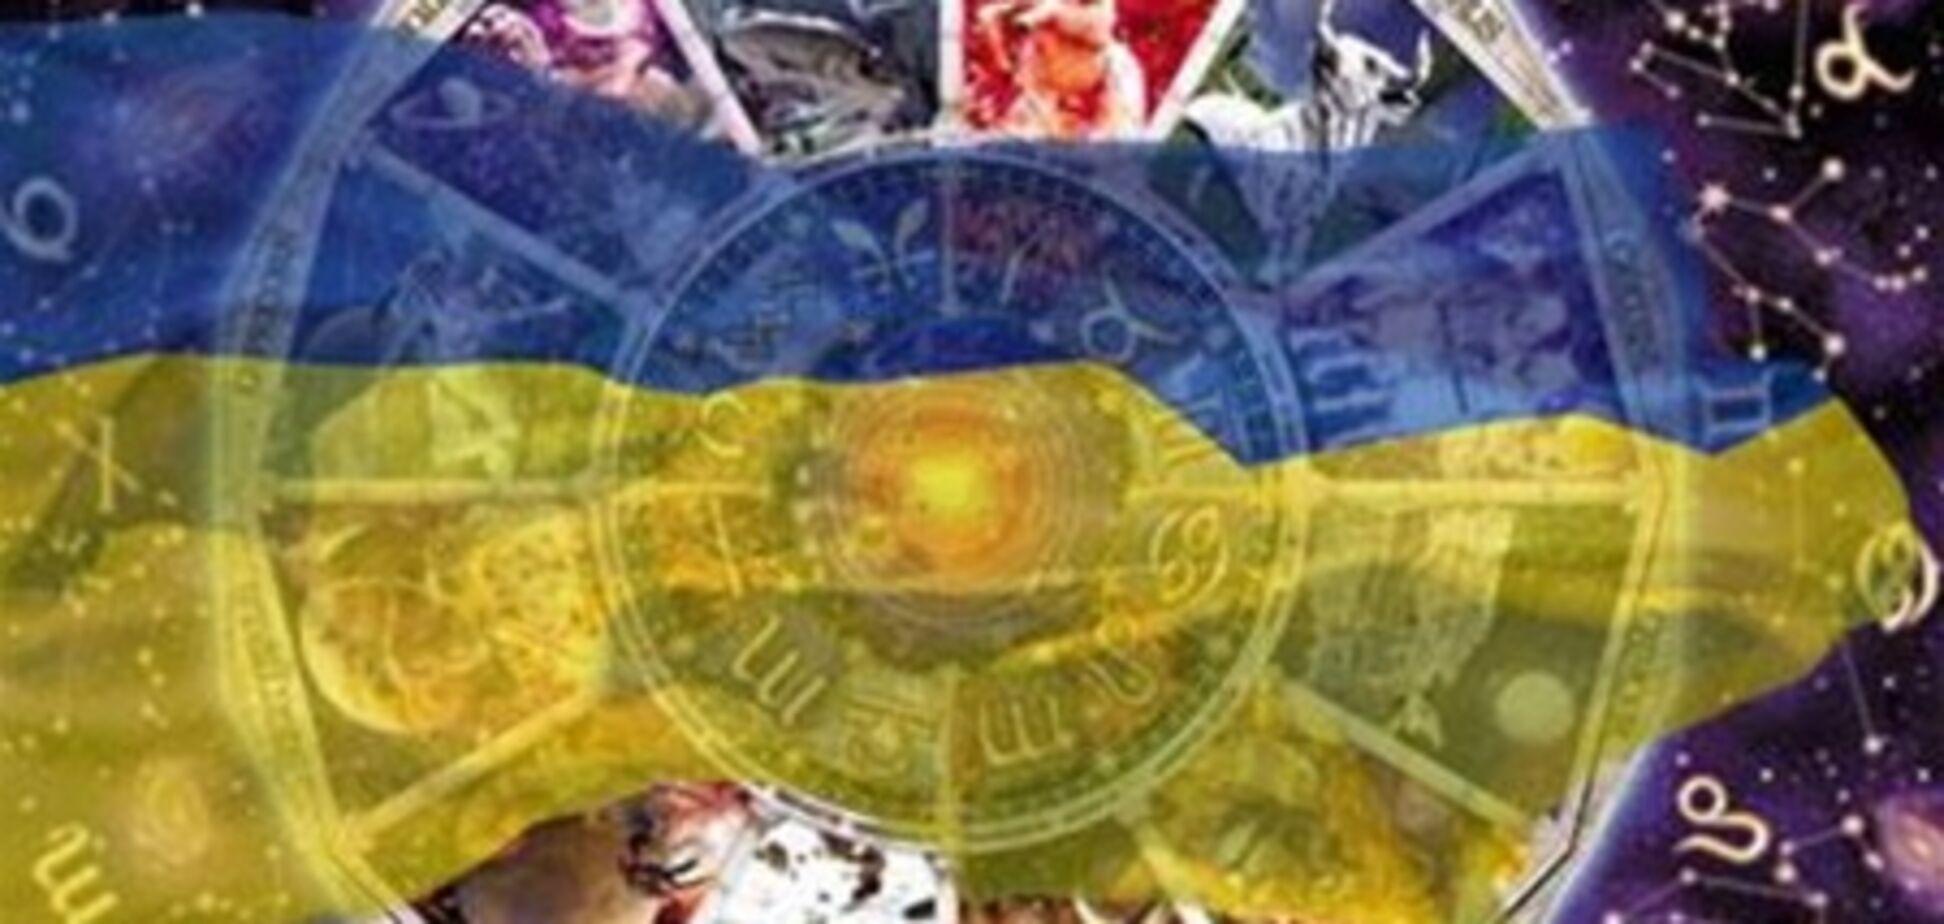 Астрологи: конец света откладывается -  ждите прихода кризиса